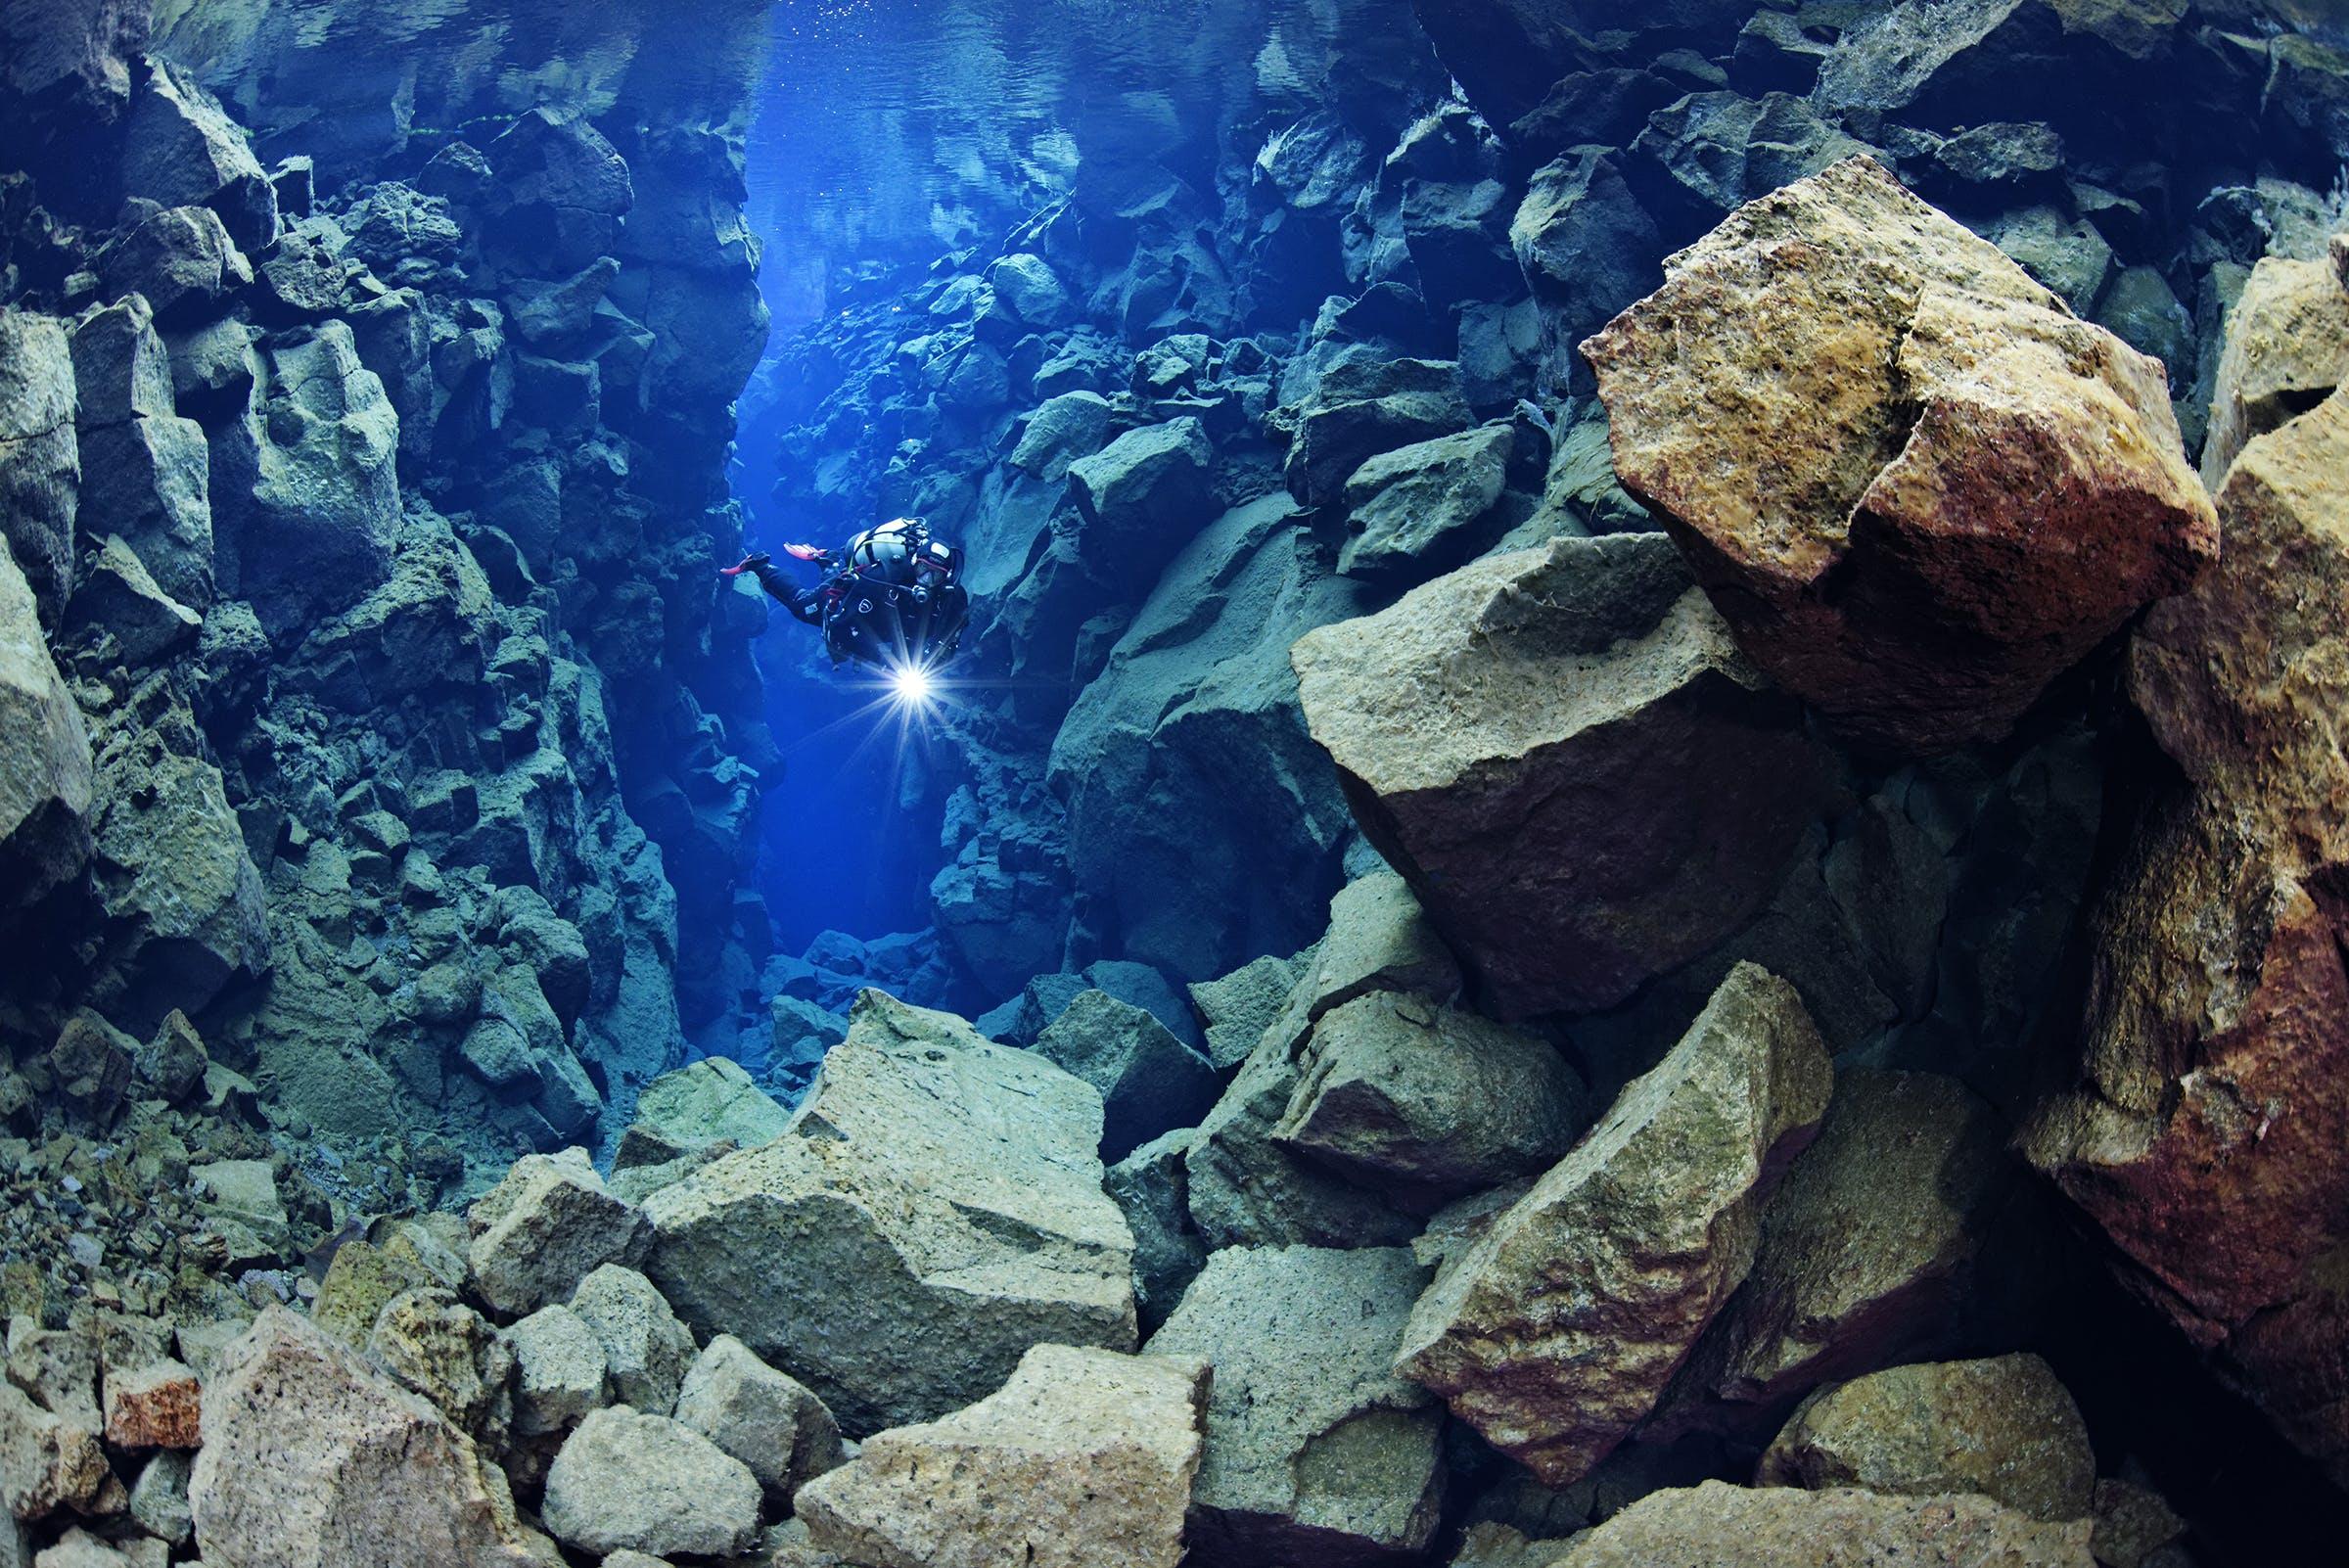 在丝浮拉大裂缝中潜水、浮潜,收获最梦幻的冰岛旅行体验